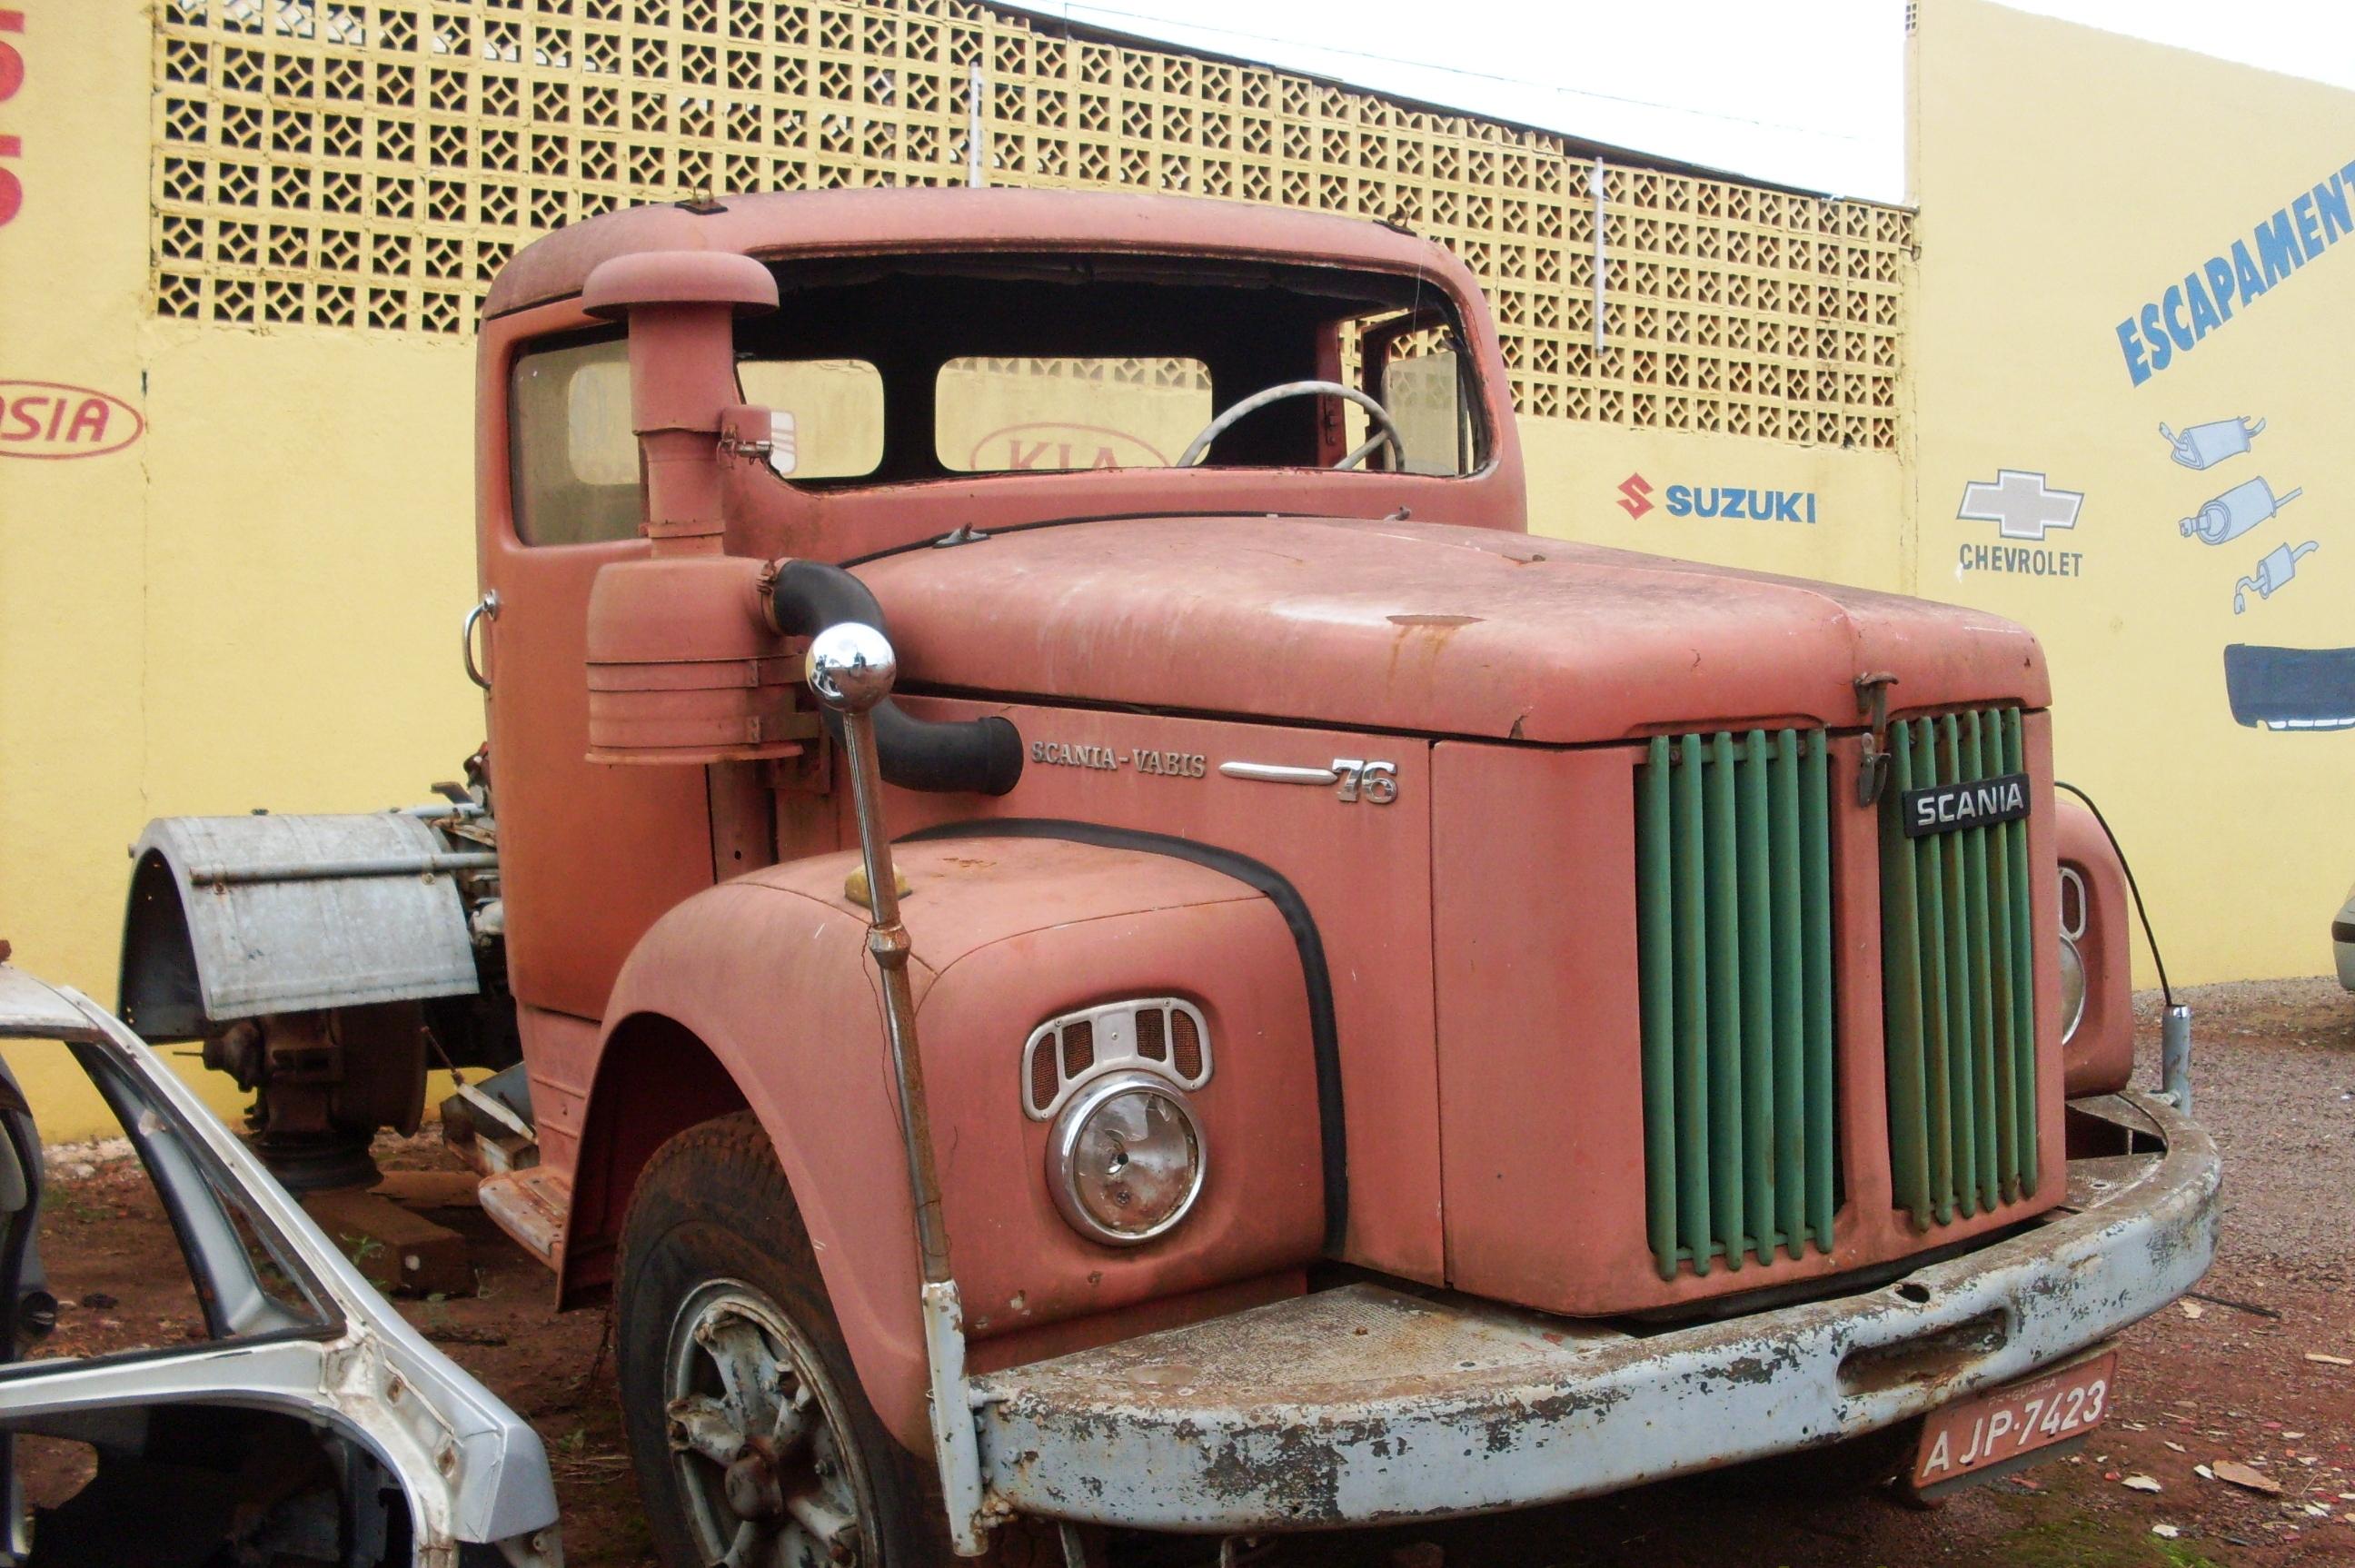 dambros-scania-110-66-5 Scania 110